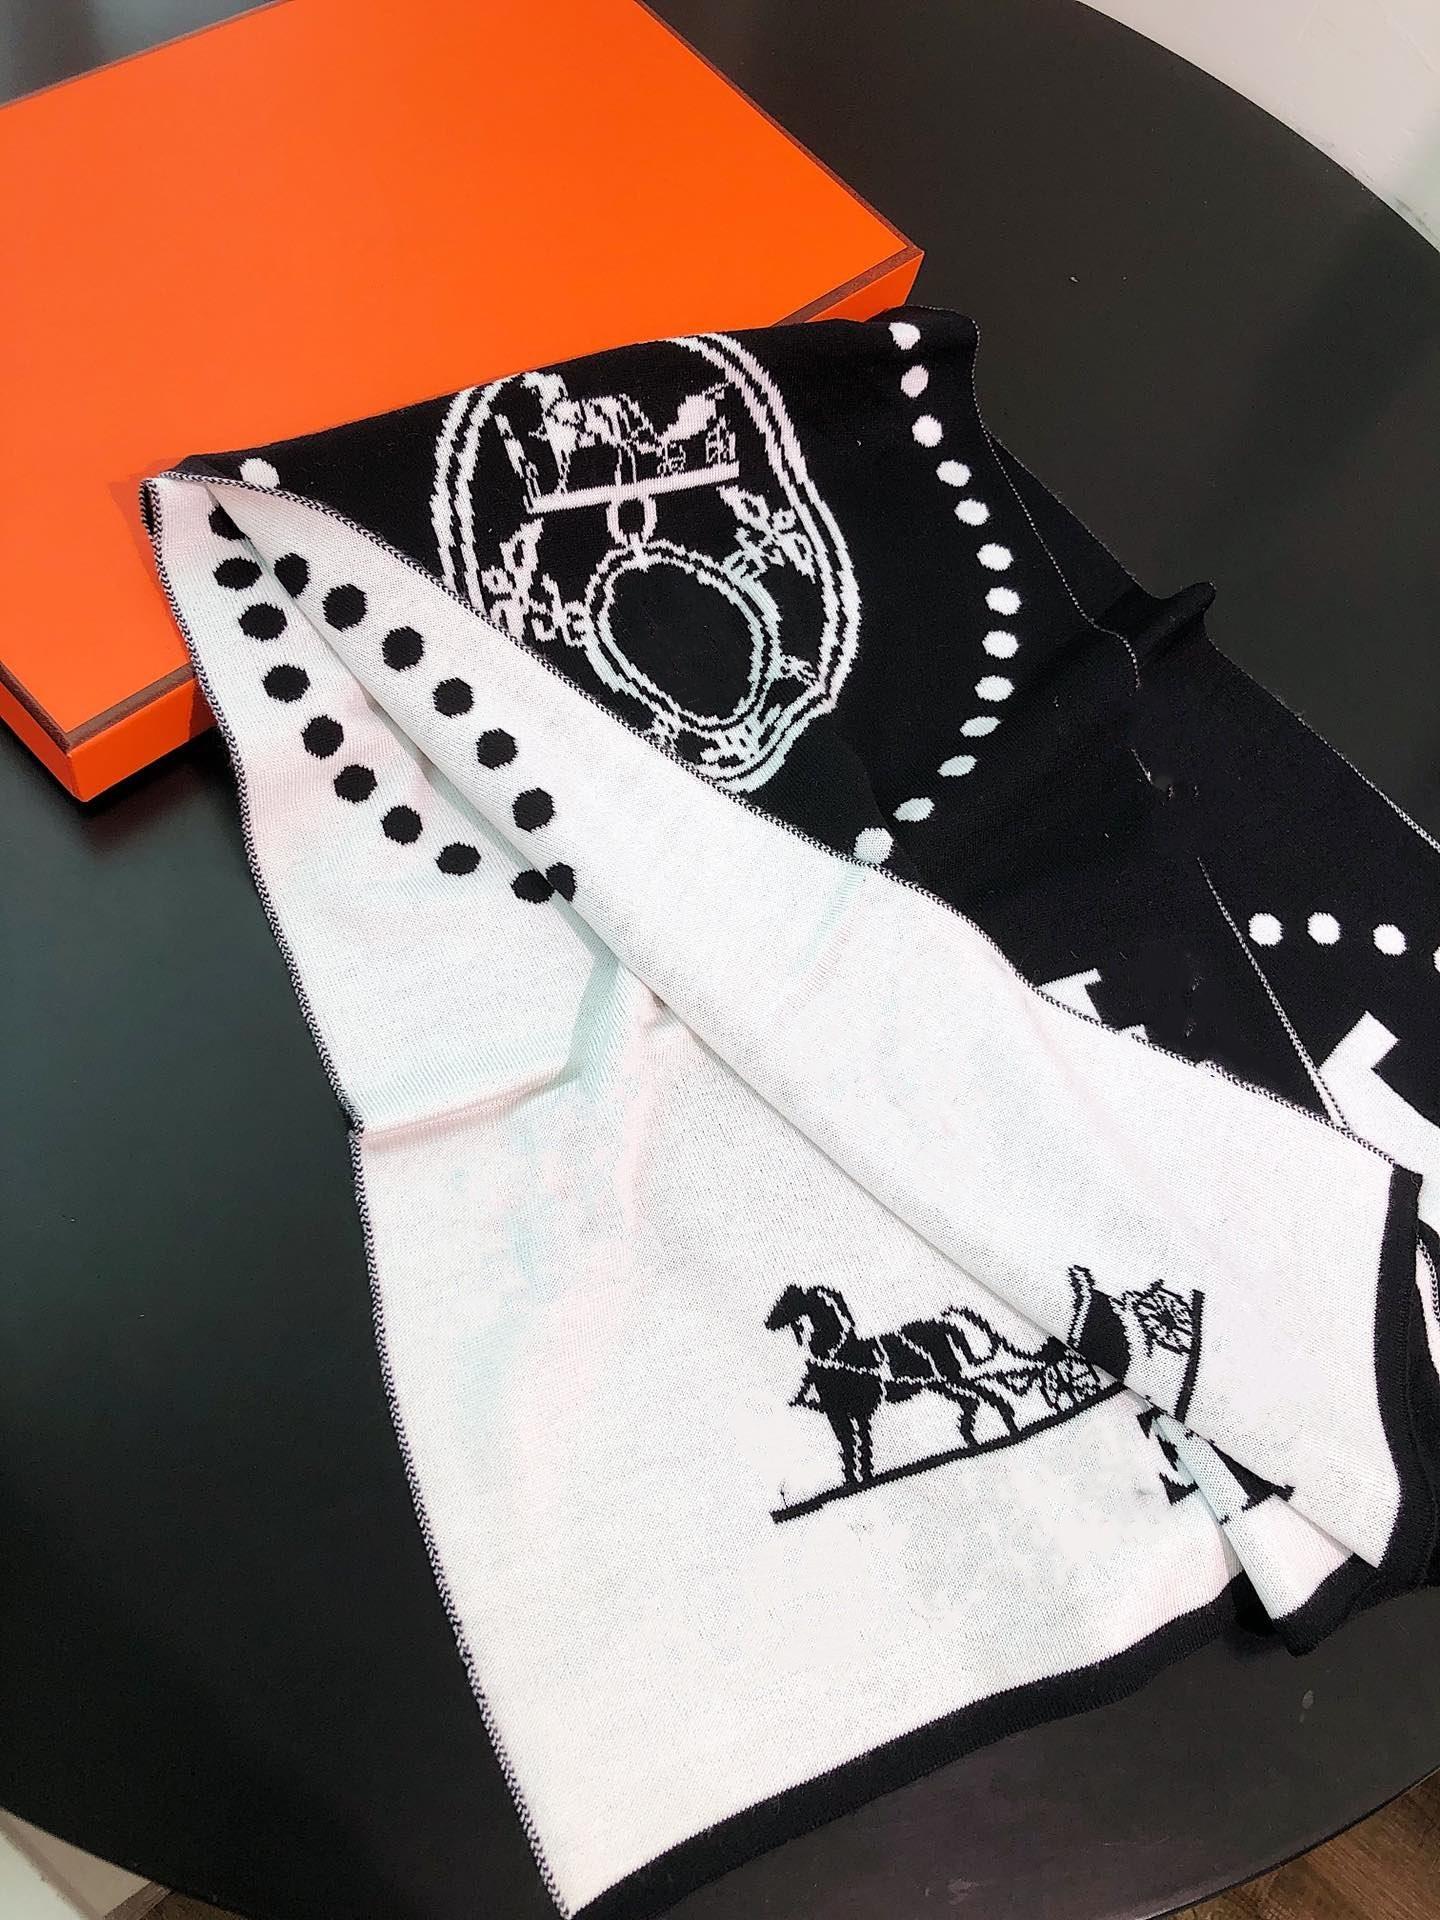 Neue Luxus-Designer hoher Qualität nachgeahmt Seide Gewebeband Multifunktionstuch Fliege Haarband handbagNew Drucken